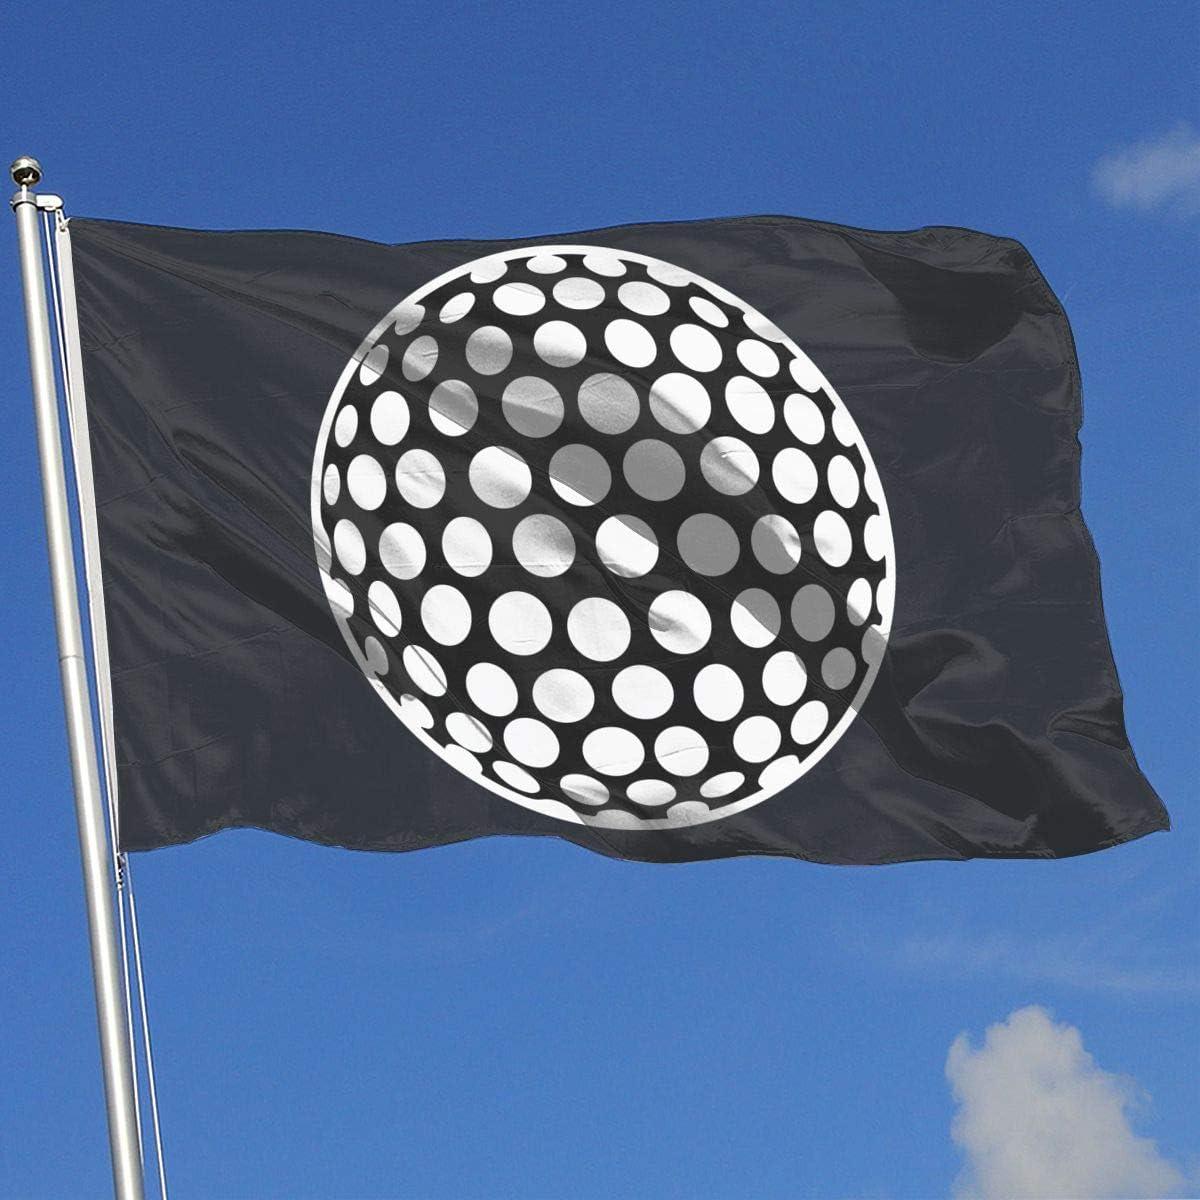 Hao-shop Banderas Bandera de demostración al Aire Libre/doméstica Pelota de Golf Blanca mínima Banderas translúcidas de una Capa (3 x 5 pies)